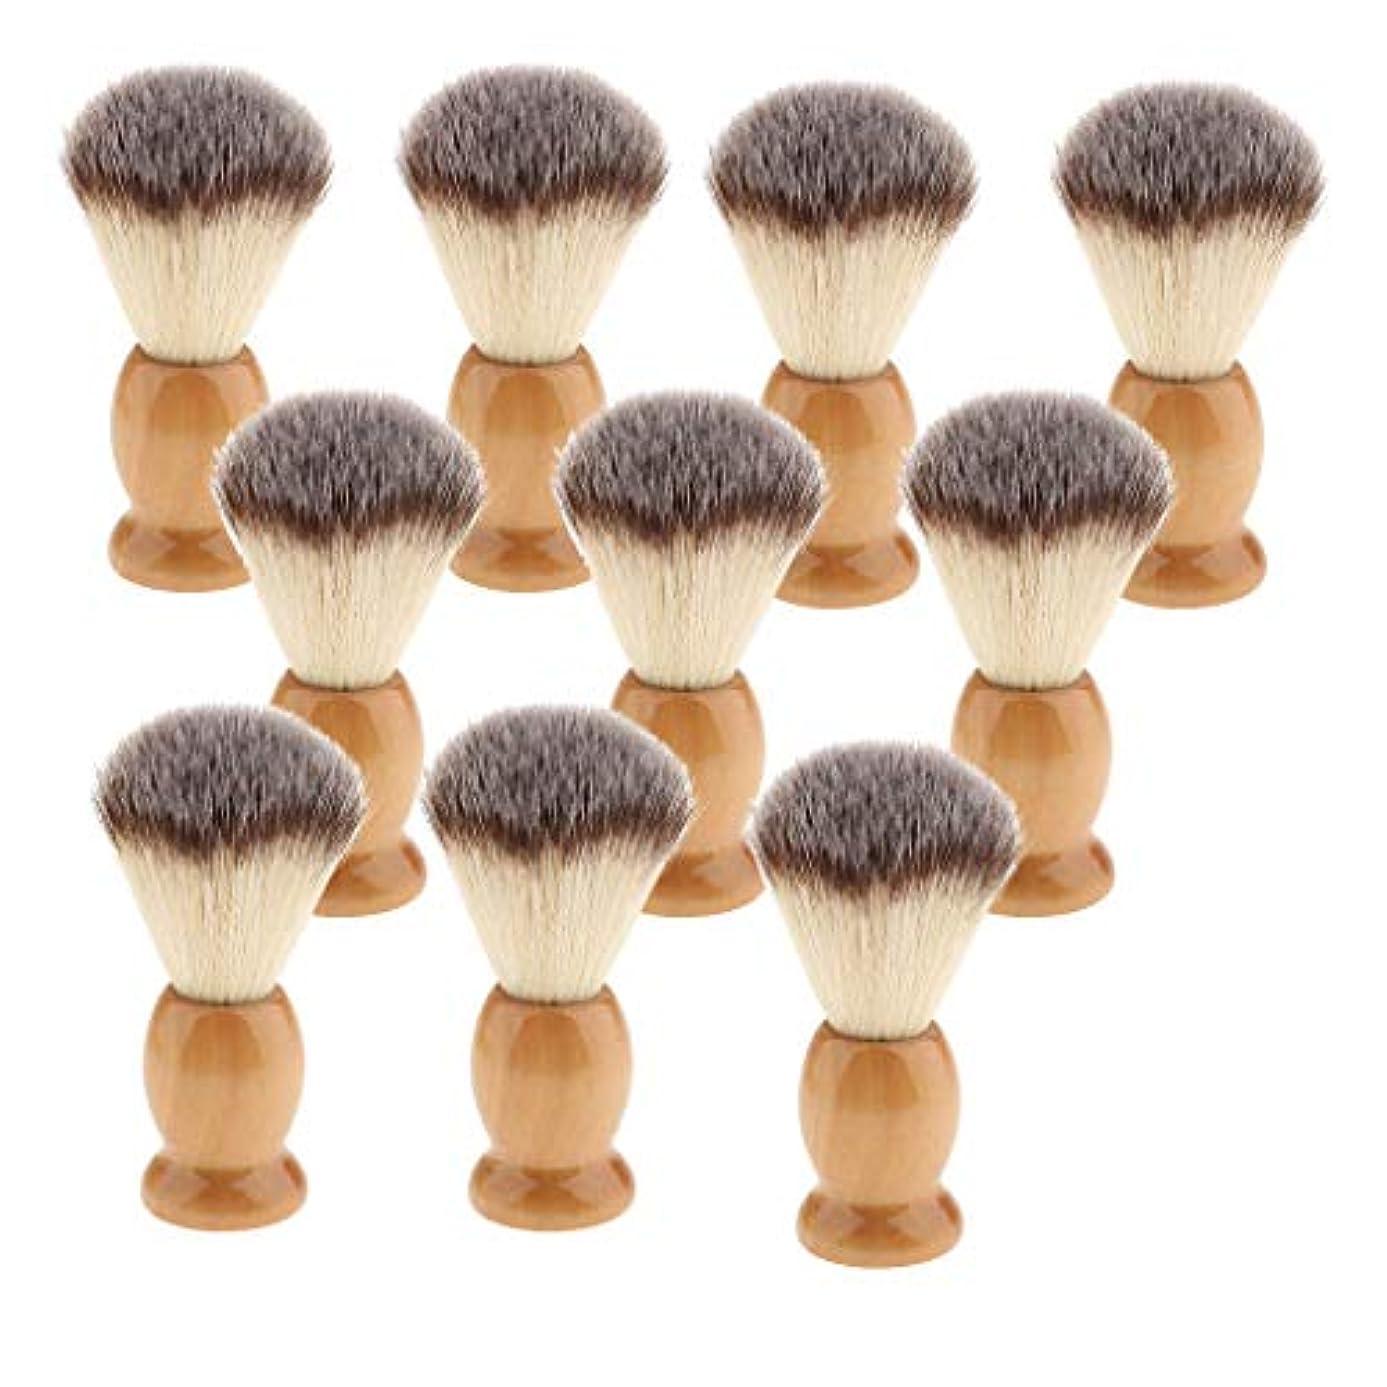 ゴージャス一月動揺させるdailymall 10ピース木製ハンドルサロン男性ひげ口ひげグルーミングシェービングブラシツール